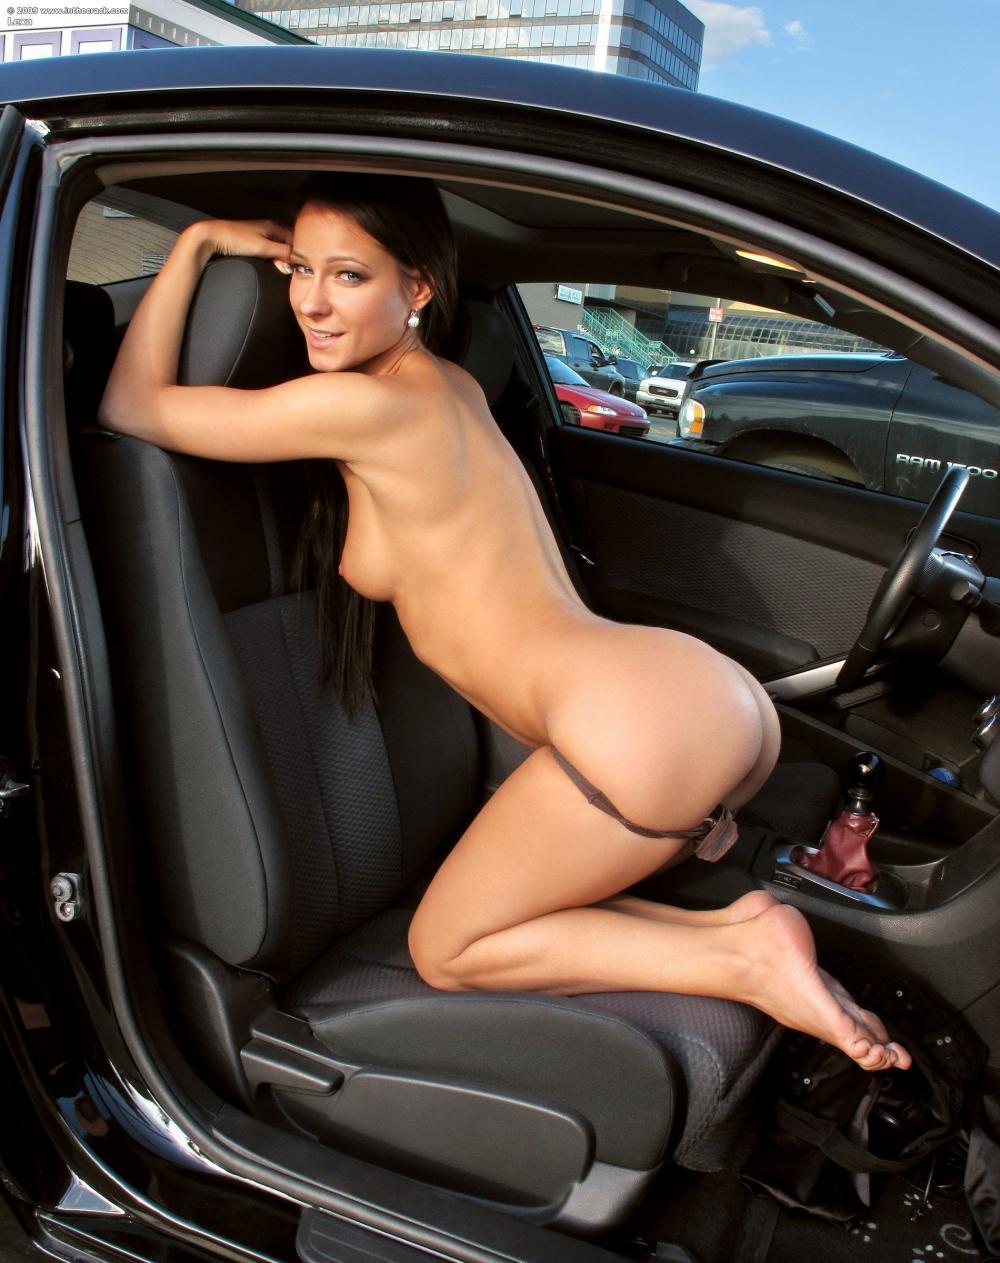 Машины и голые девушки стоит на коленях на сиденье, наполовину спустила трусы, вид сбоку